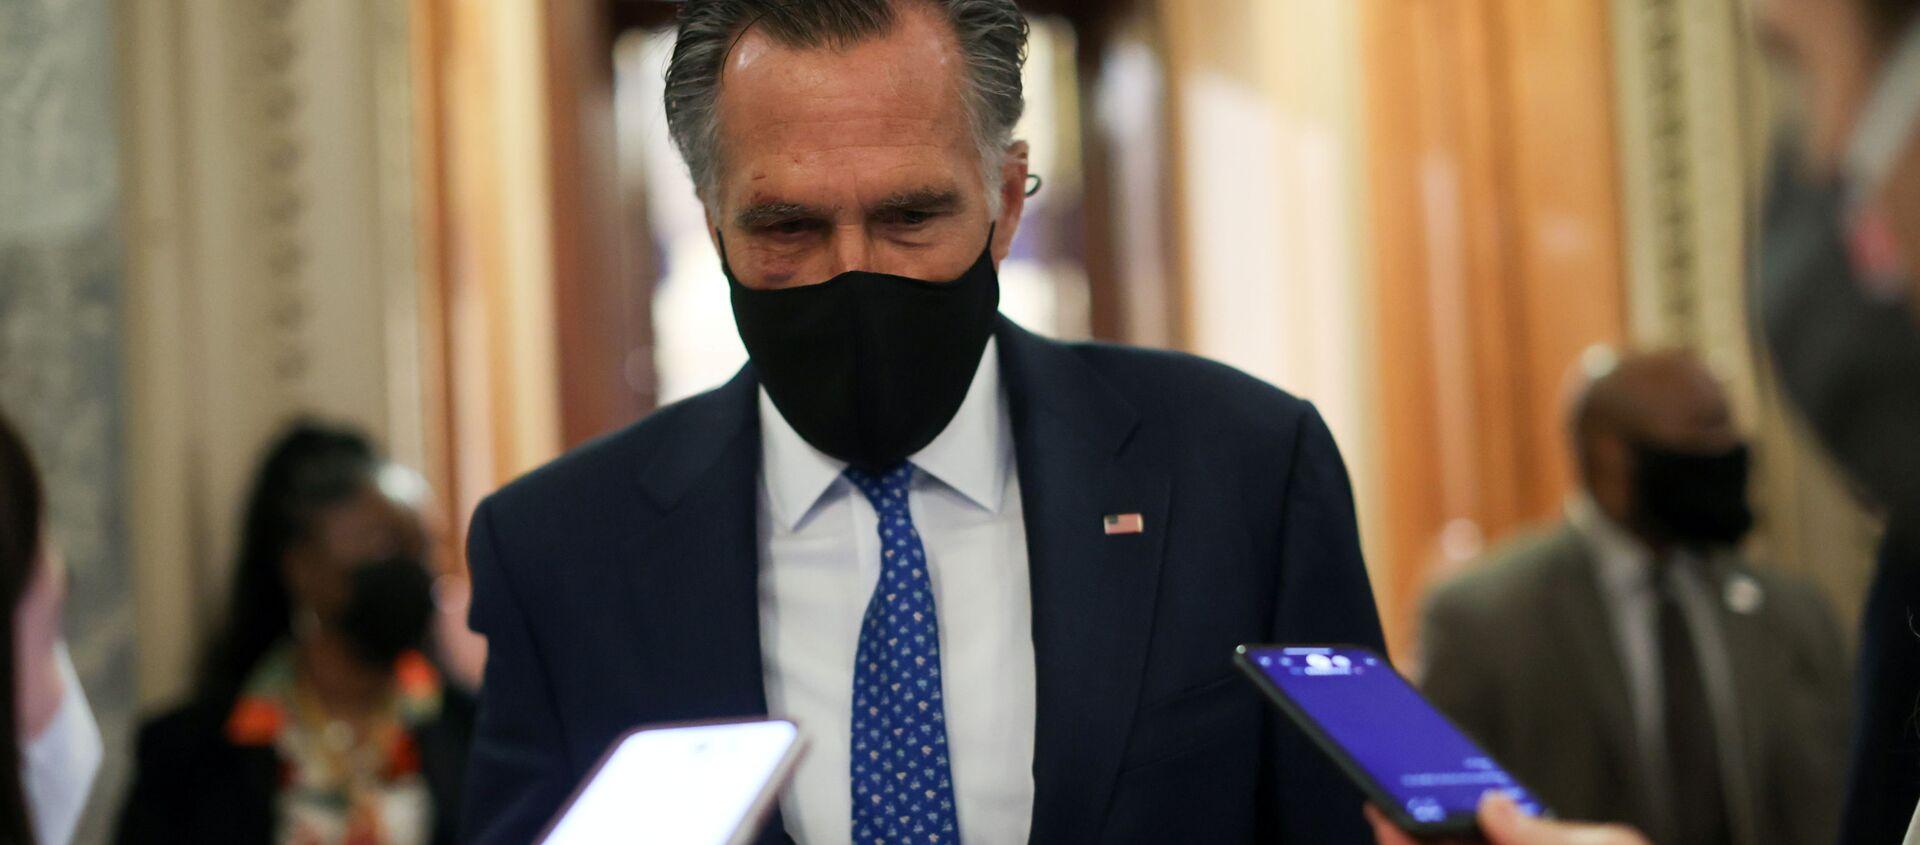 Thượng nghị sĩ Hoa Kỳ Mitt Romney (R-UT) nói chuyện với các phóng viên về những nỗ lực tiềm năng để tăng mức lương tối thiểu tại Điện Capitol Hoa Kỳ ở Washington, Hoa Kỳ, ngày 1 tháng 3 năm 2021 - Sputnik Việt Nam, 1920, 16.03.2021